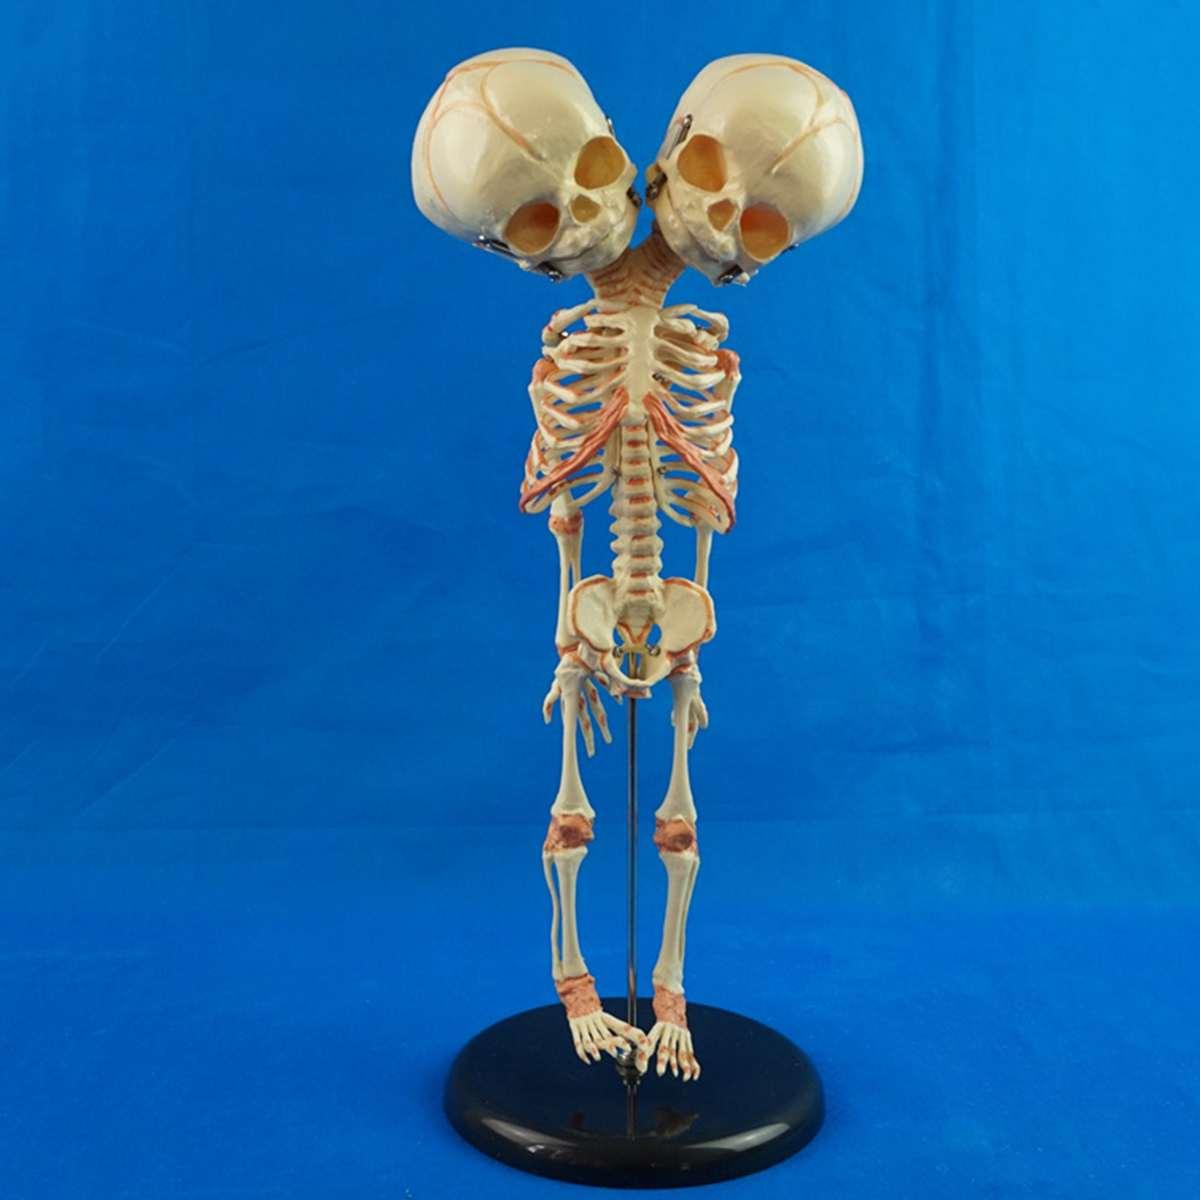 37 cm humain nouvelle Double tête bébé anatomie crâne squelette anatomique cerveau anatomie éducation modèle anatomique étude affichage